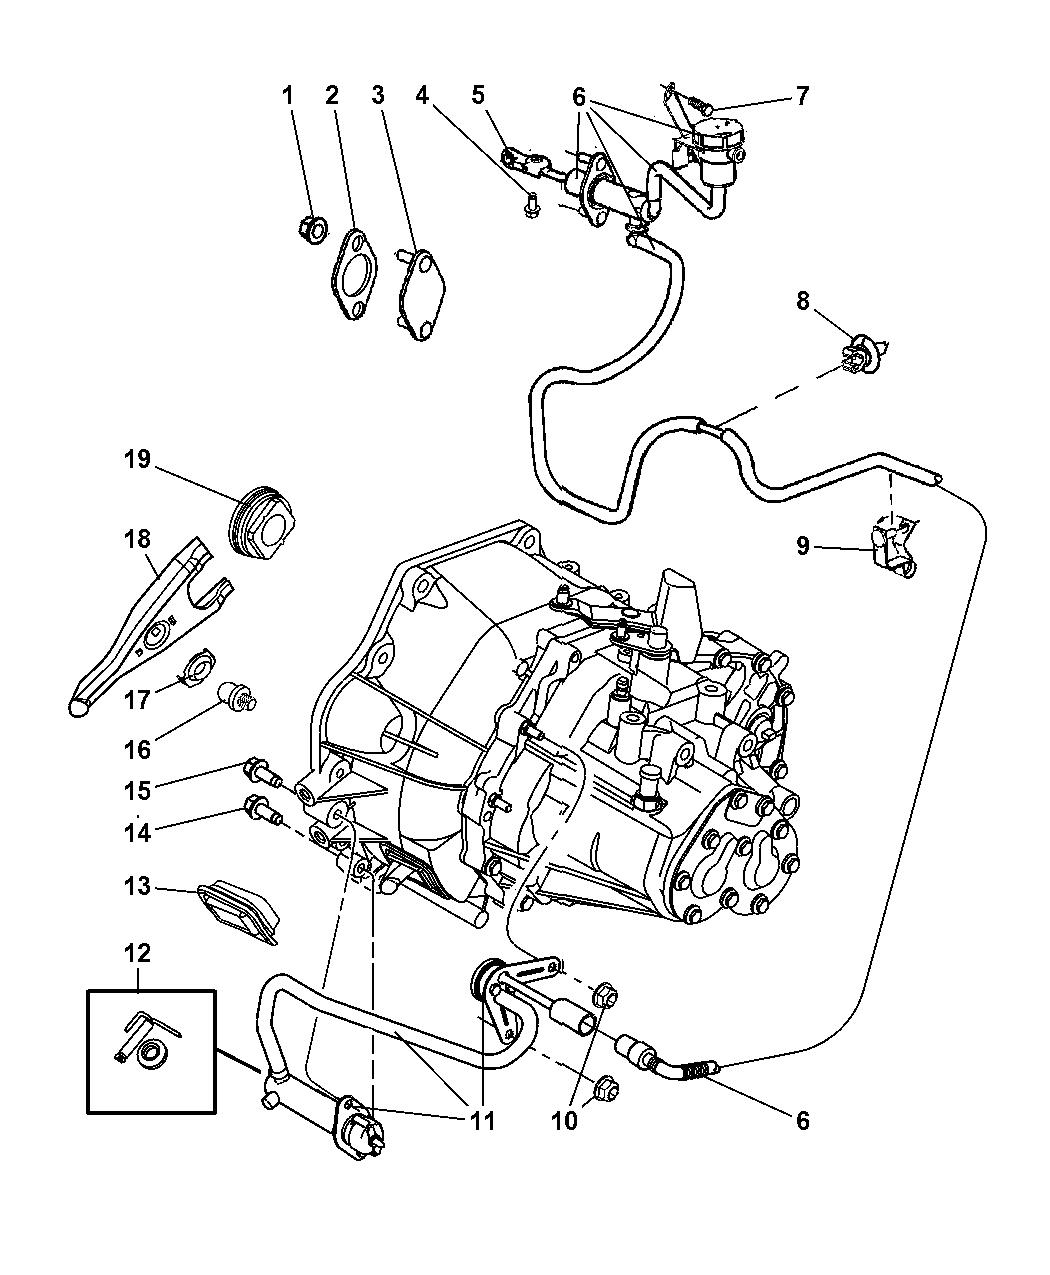 4668331ab Genuine Mopar Cylinder Hydraulic Clutch System Diagram 2002 Dodge Neon Linkage